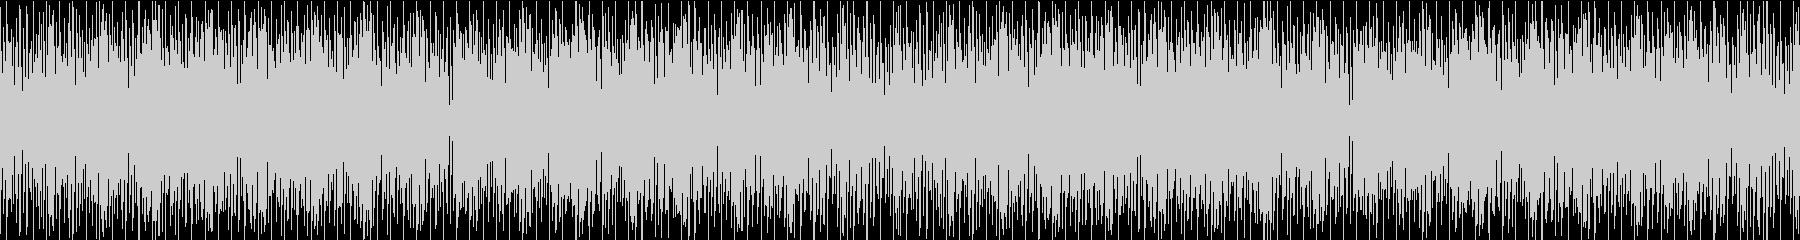 明るく可愛い雰囲気のBGM/ループ可能の未再生の波形